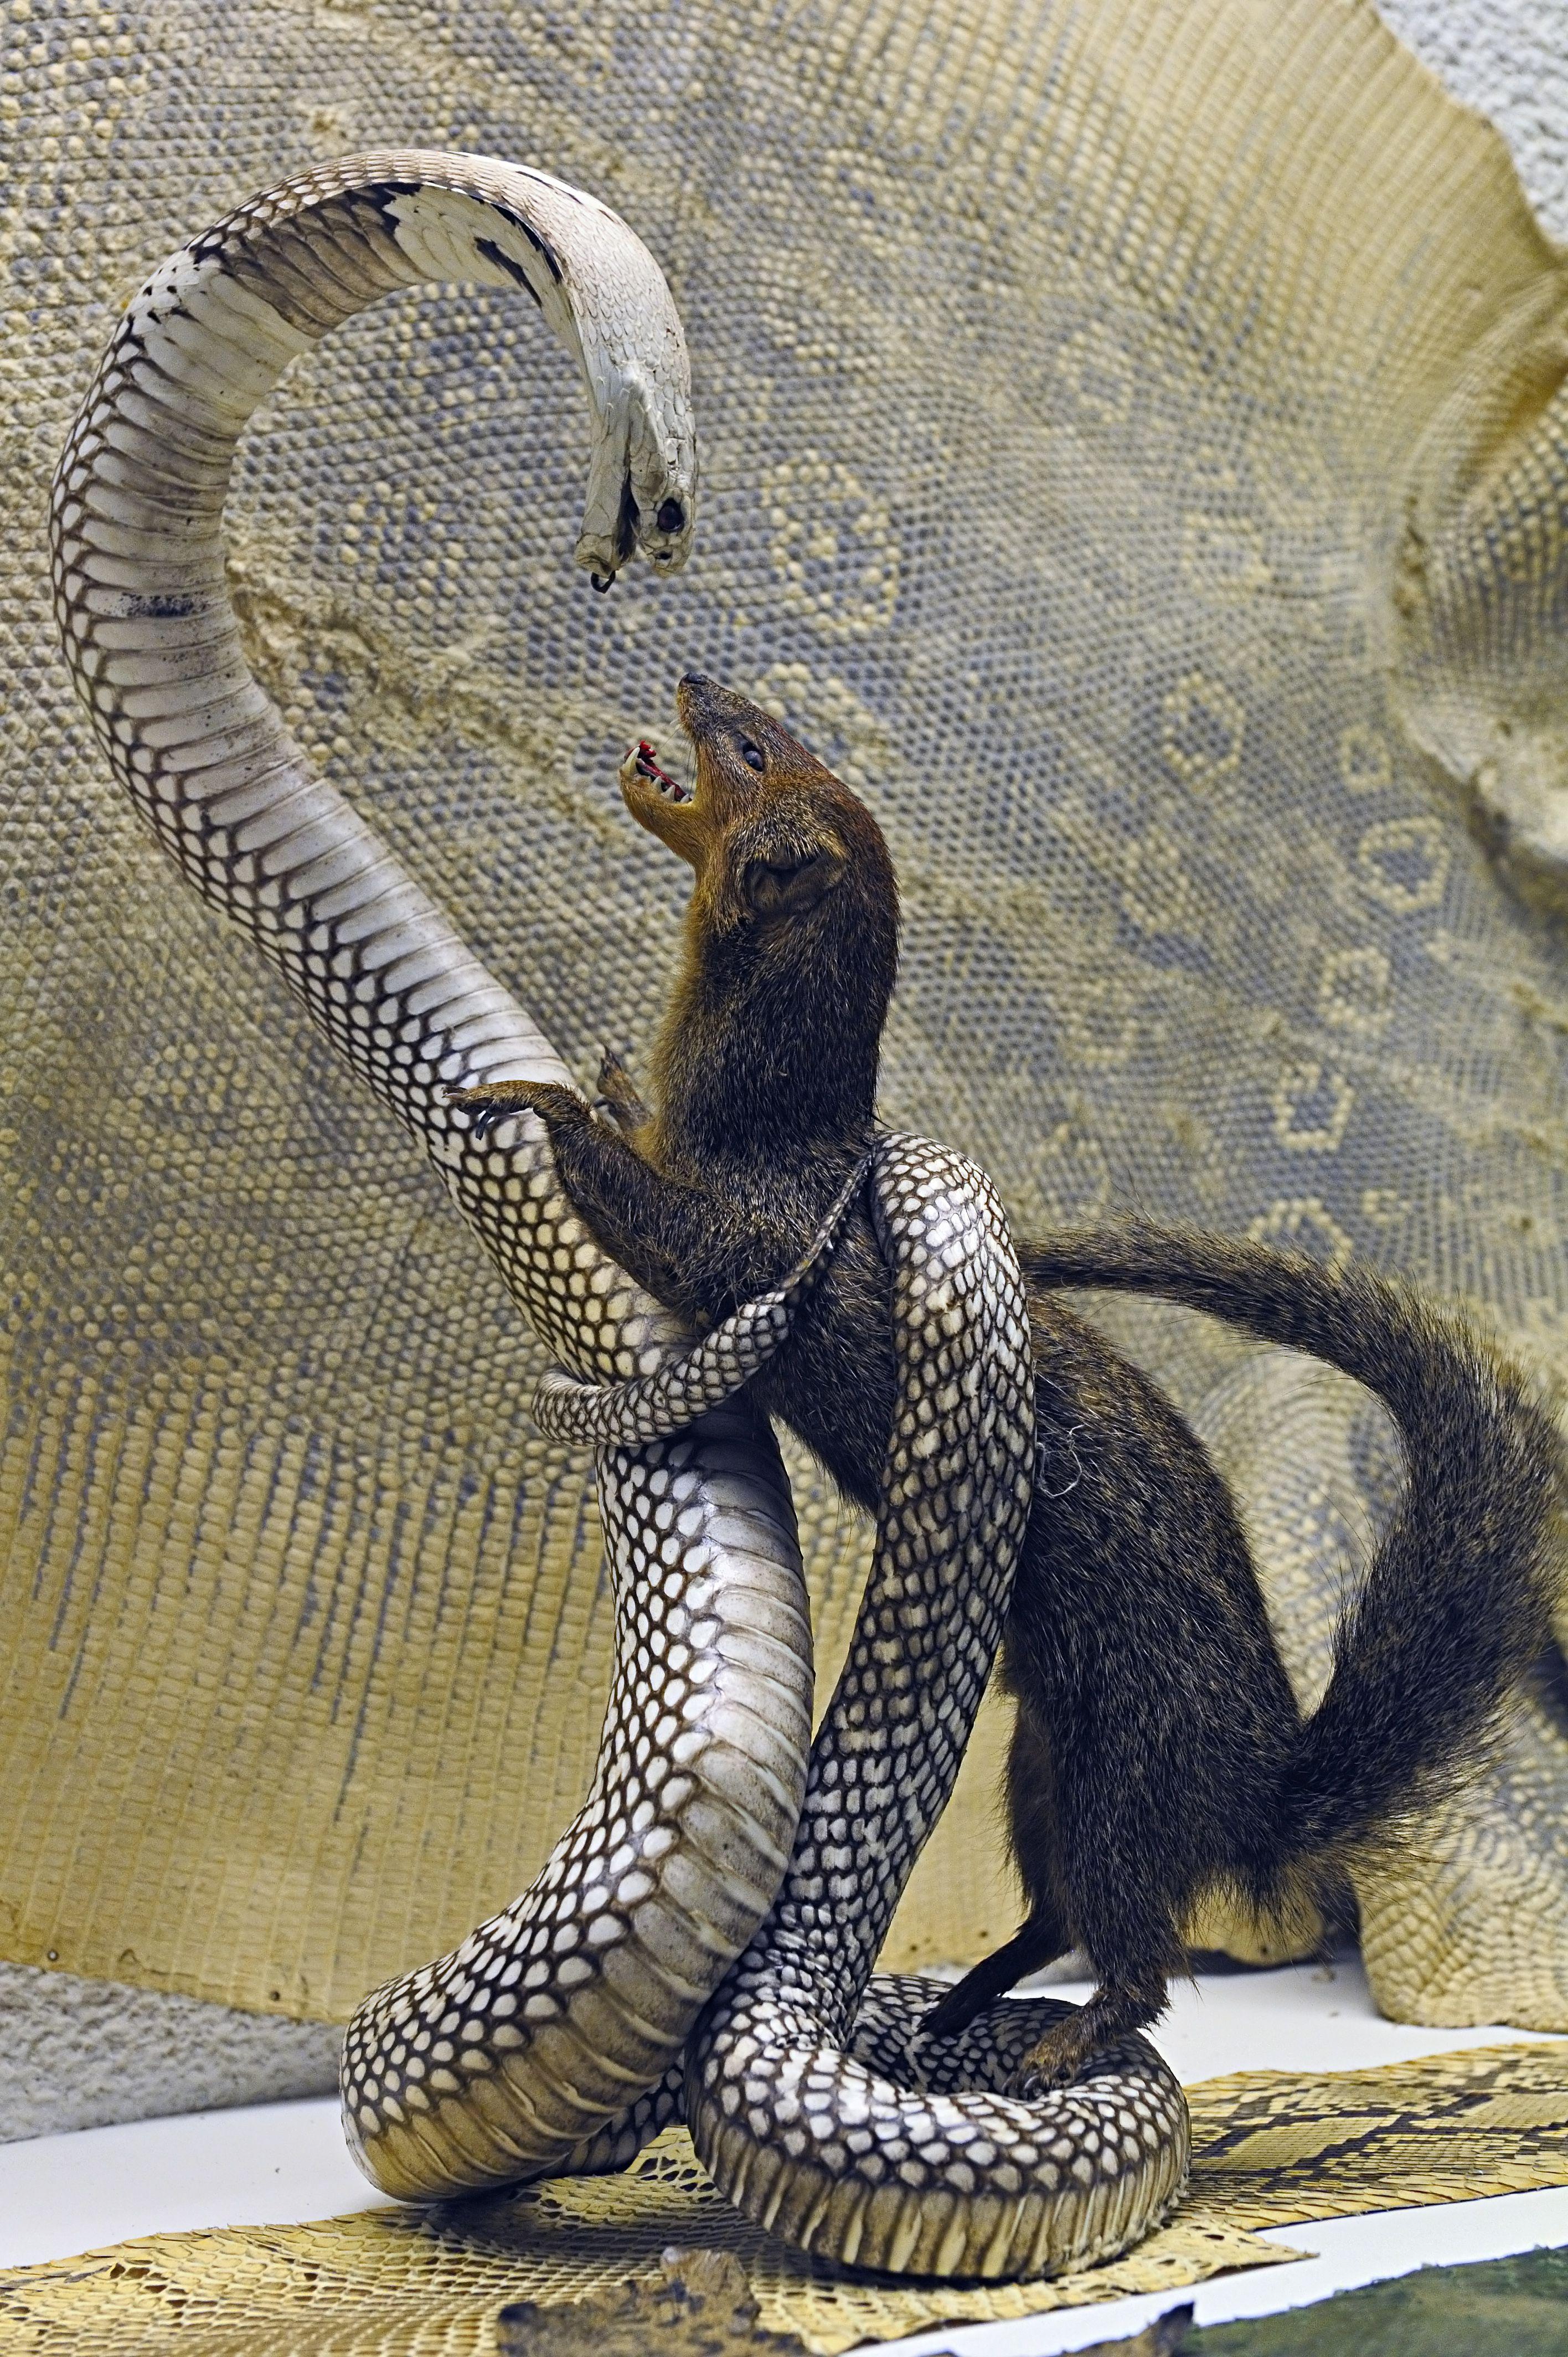 Pin de Gabriel Kötter en animais   Pinterest   Serpientes, Animales ...